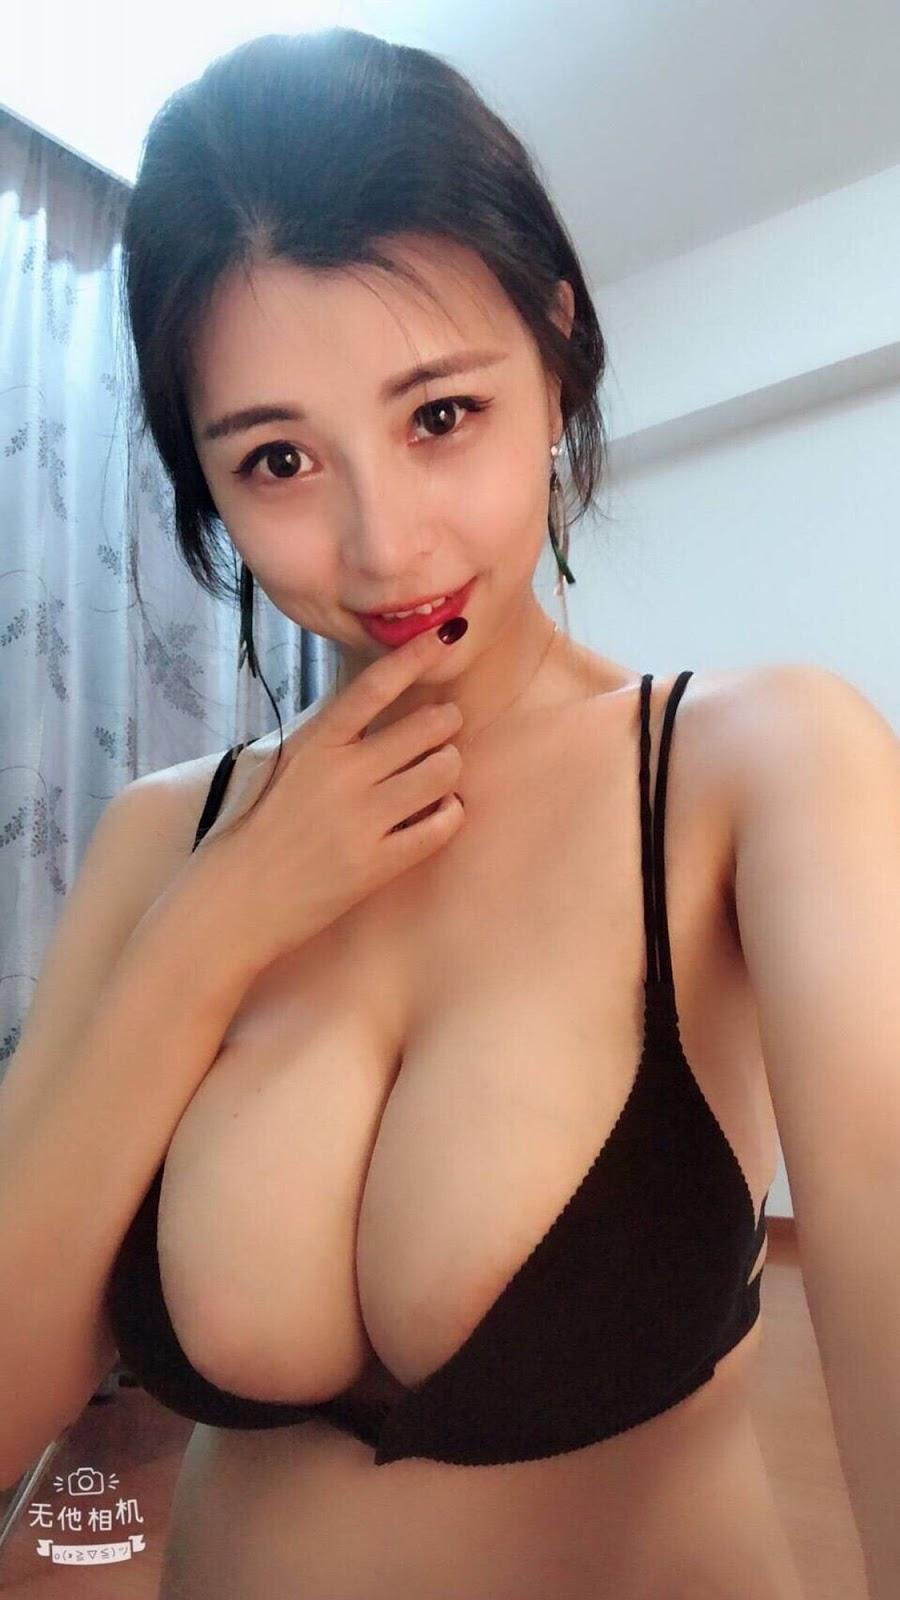 aHR0cHM6Ly93d3cubXlteXBpYy5uZXQvZGF0YS9hdHRhY2htZW50L2ZvcnVtLzIwMTkwOC8yMC8wODM0MzE4ZHIzenNydGgzZGlxcWQ4LmpwZy50aHVtYi5qcGc%253D - 成都瓶儿 - Chengdu Pinger big tits selfie nude 2020